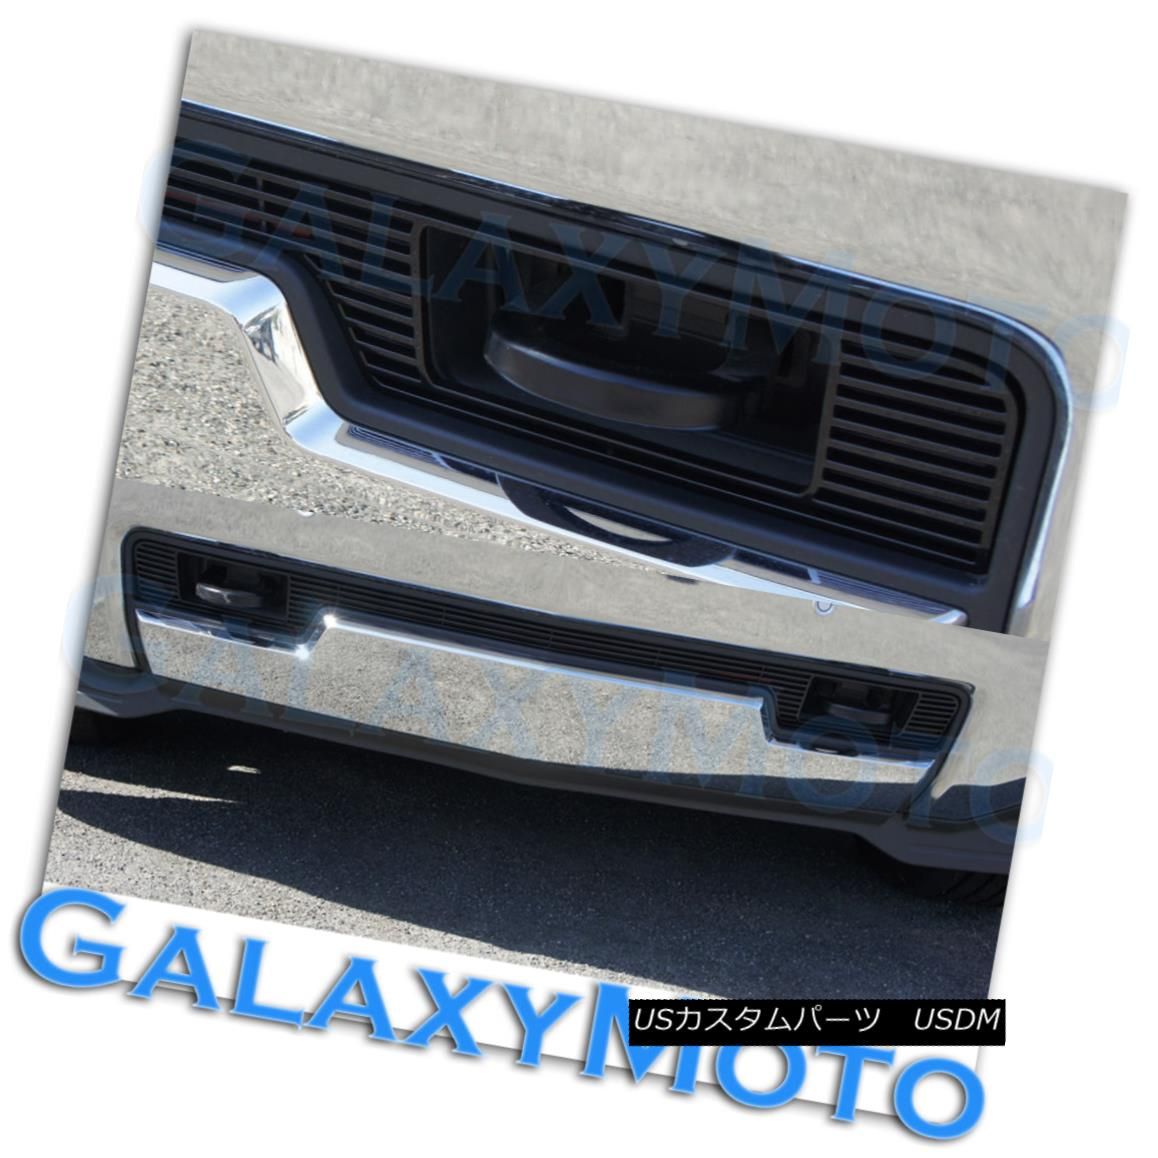 グリル 2014 Chevy Silverado 1500 Black Lower Bumper Billet Grille Insert w/ Tow Hook 2014 Chevy Silverado 1500ブラックロワーバンパービレットグリルインサート